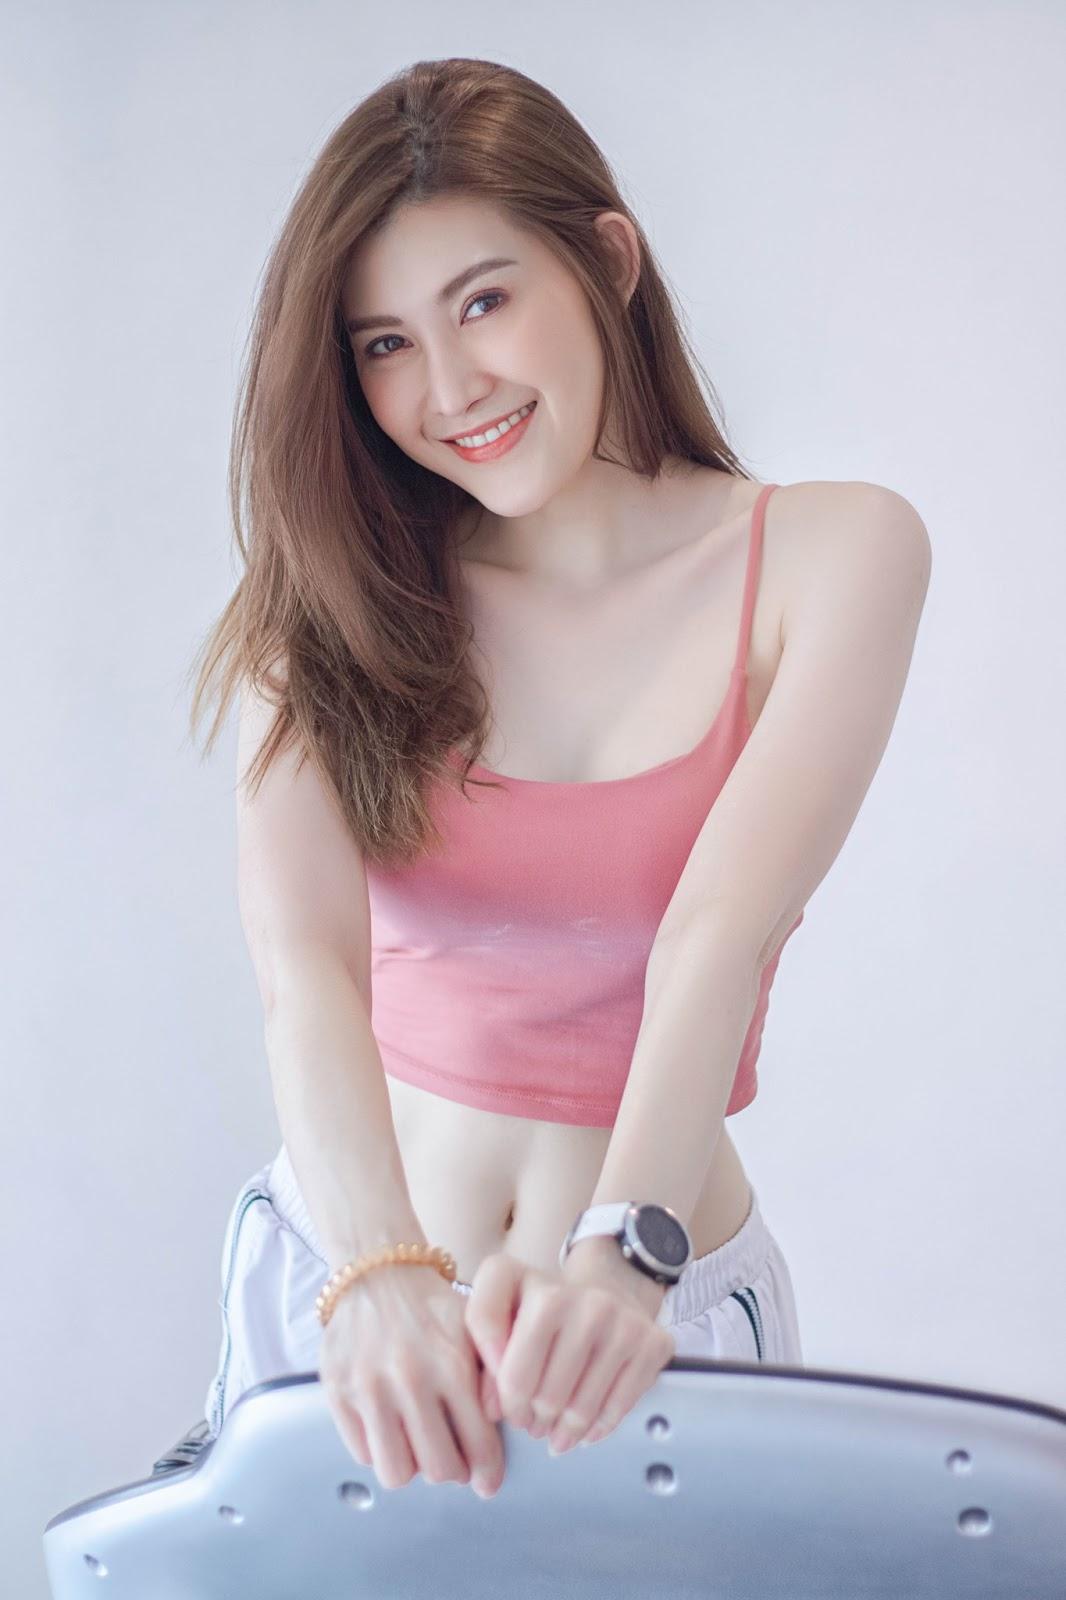 Thailand Beautyful Girl Pic No.229    YuiiWadee Srijaruphuek